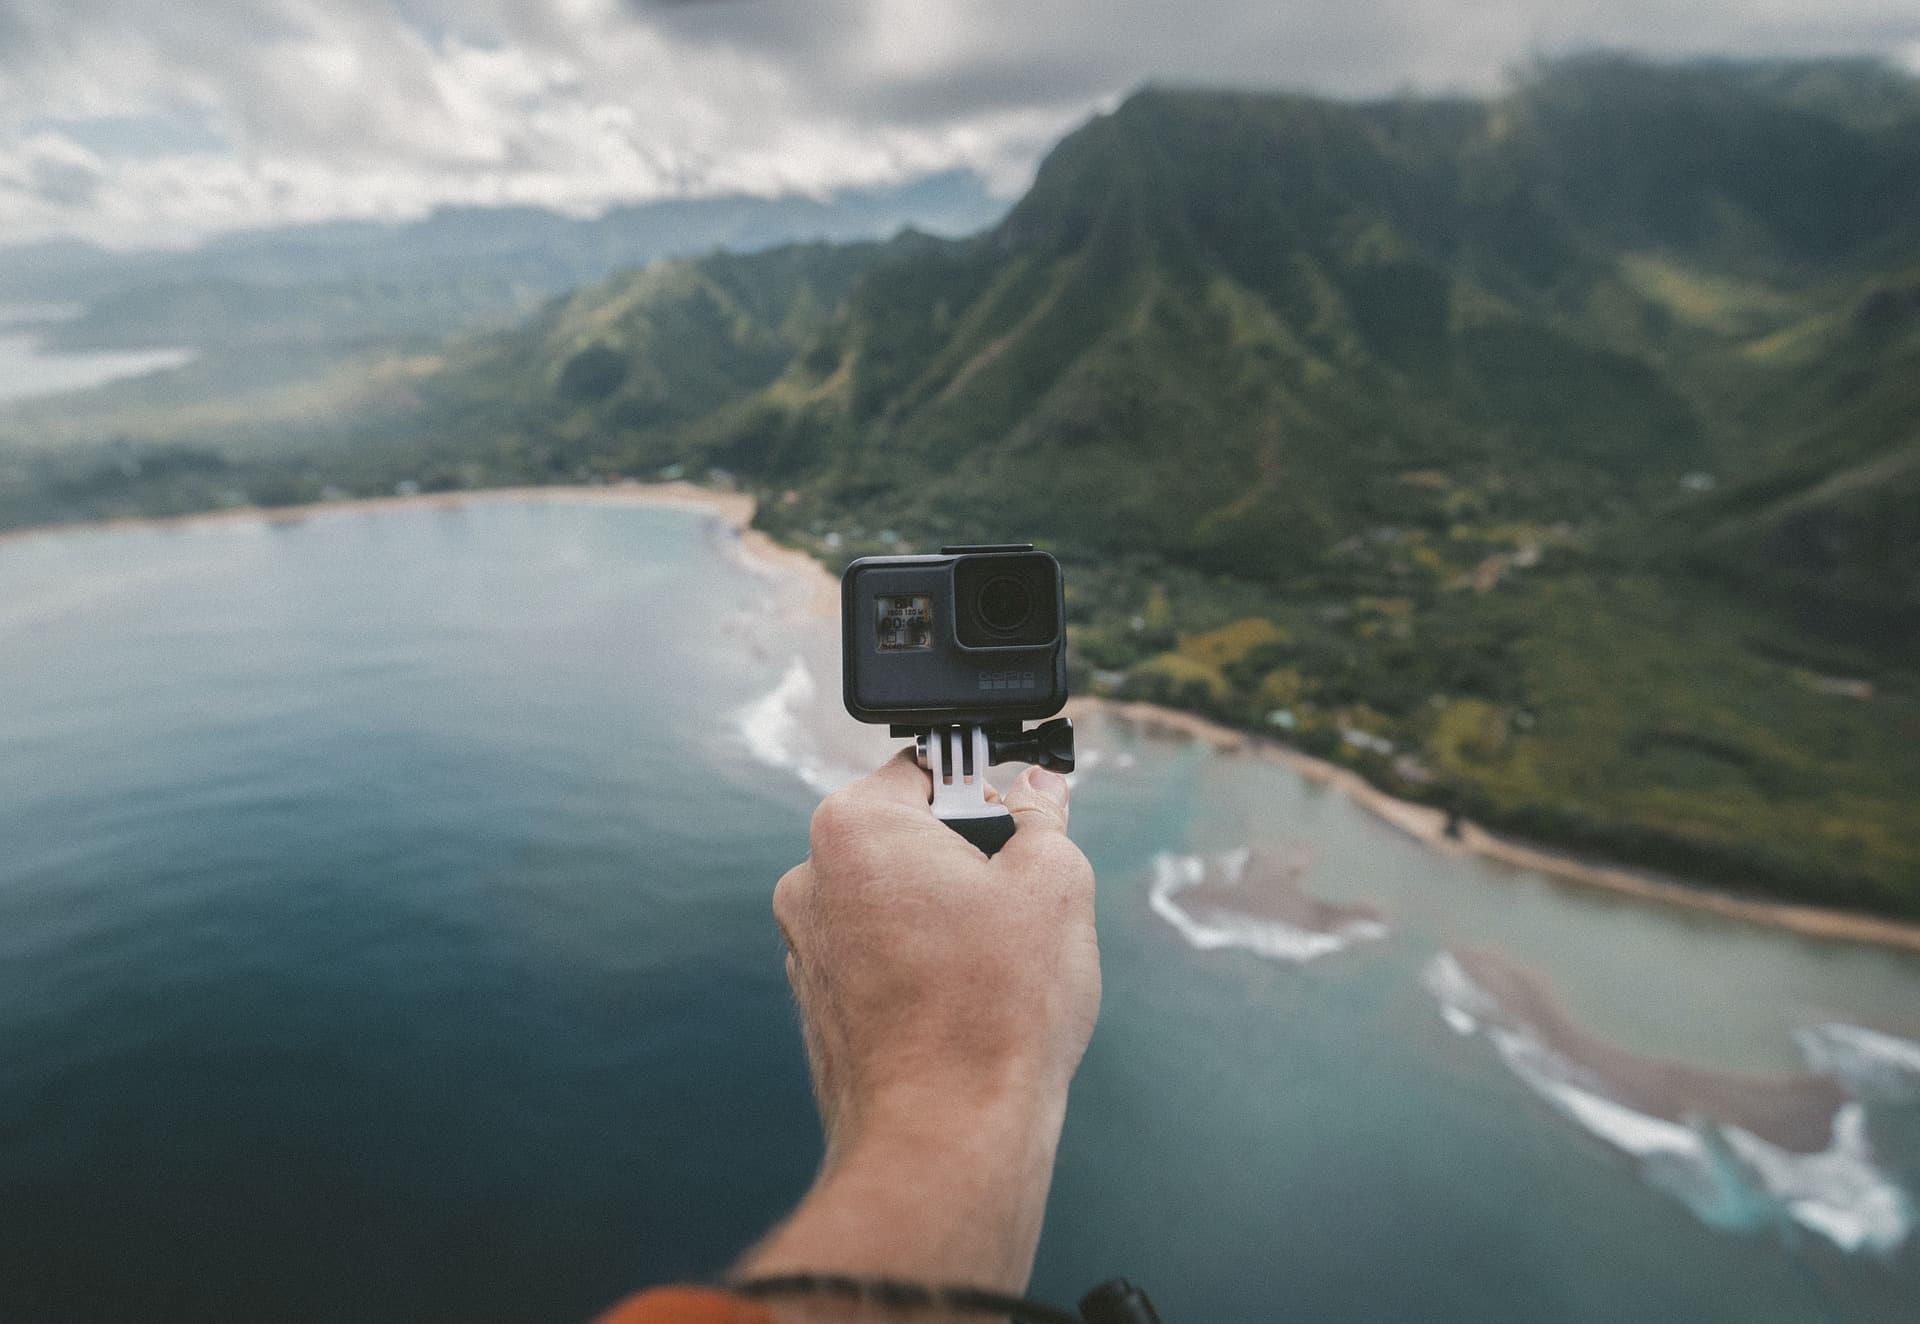 Te enseñamos las 3 mejores opciones de cámaras para viajar